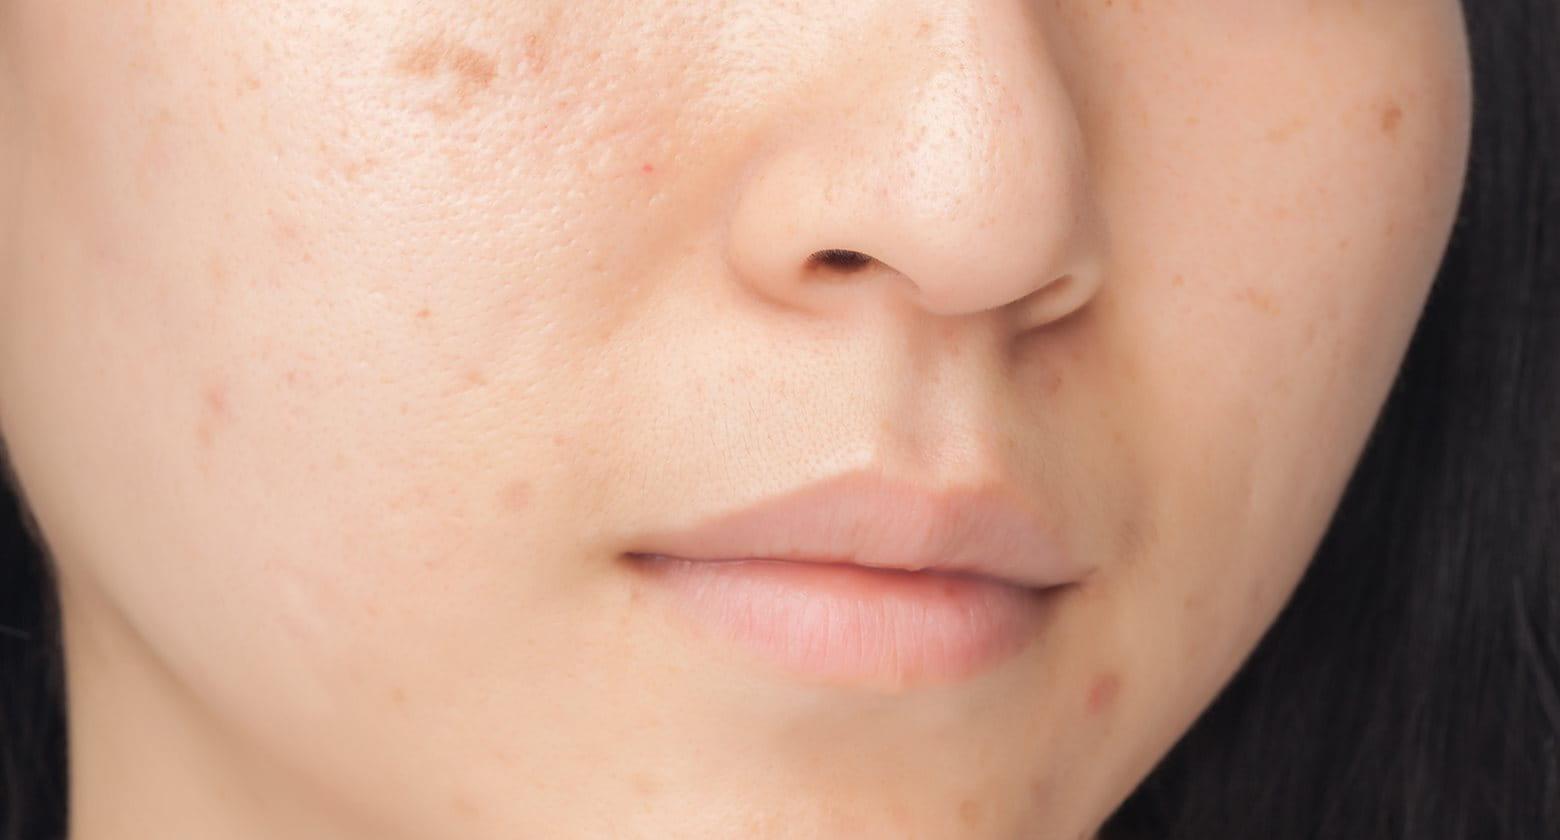 hogyan lehet eltávolítani a vörös foltokat és hegeket az arcon)